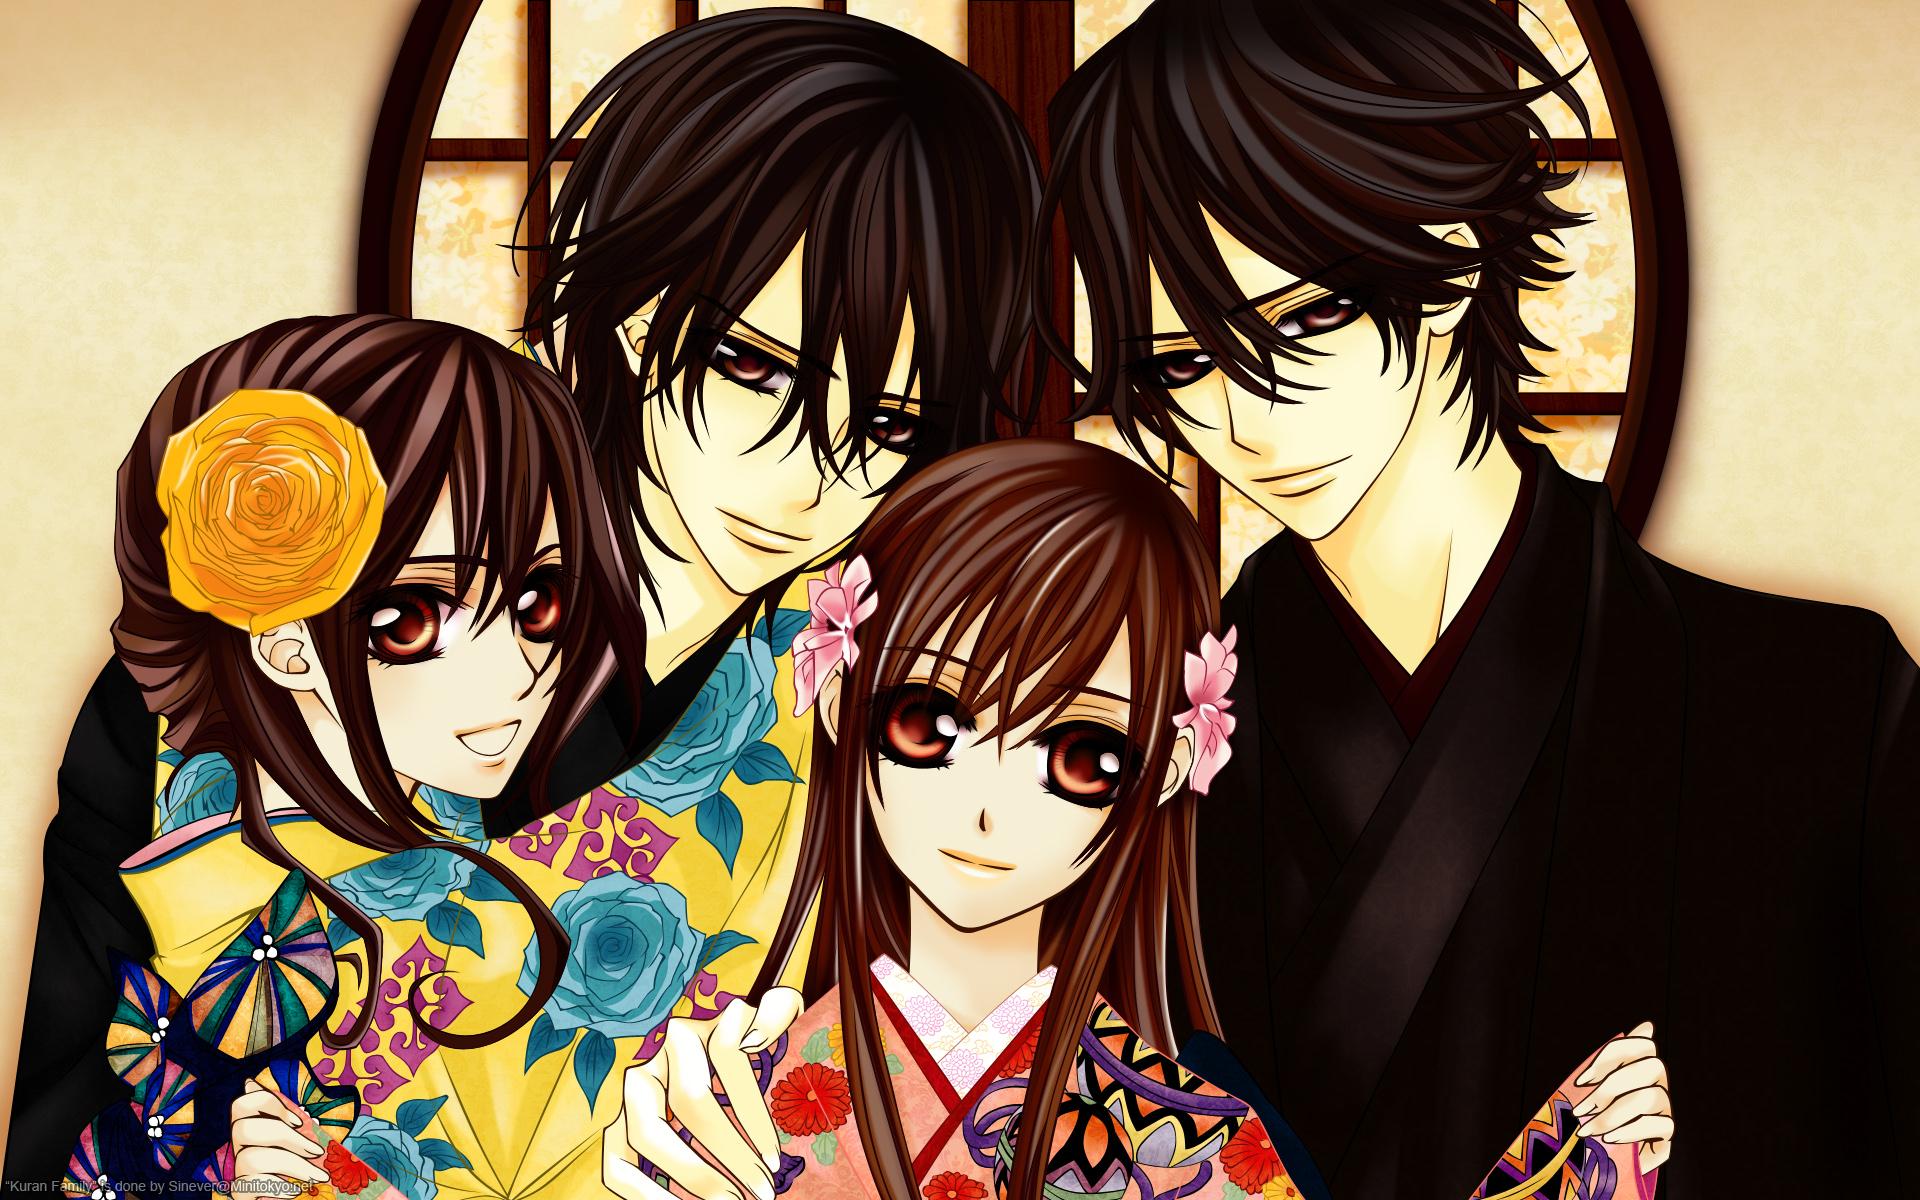 Anime Vampire Girl Wallpaper (69+ images)